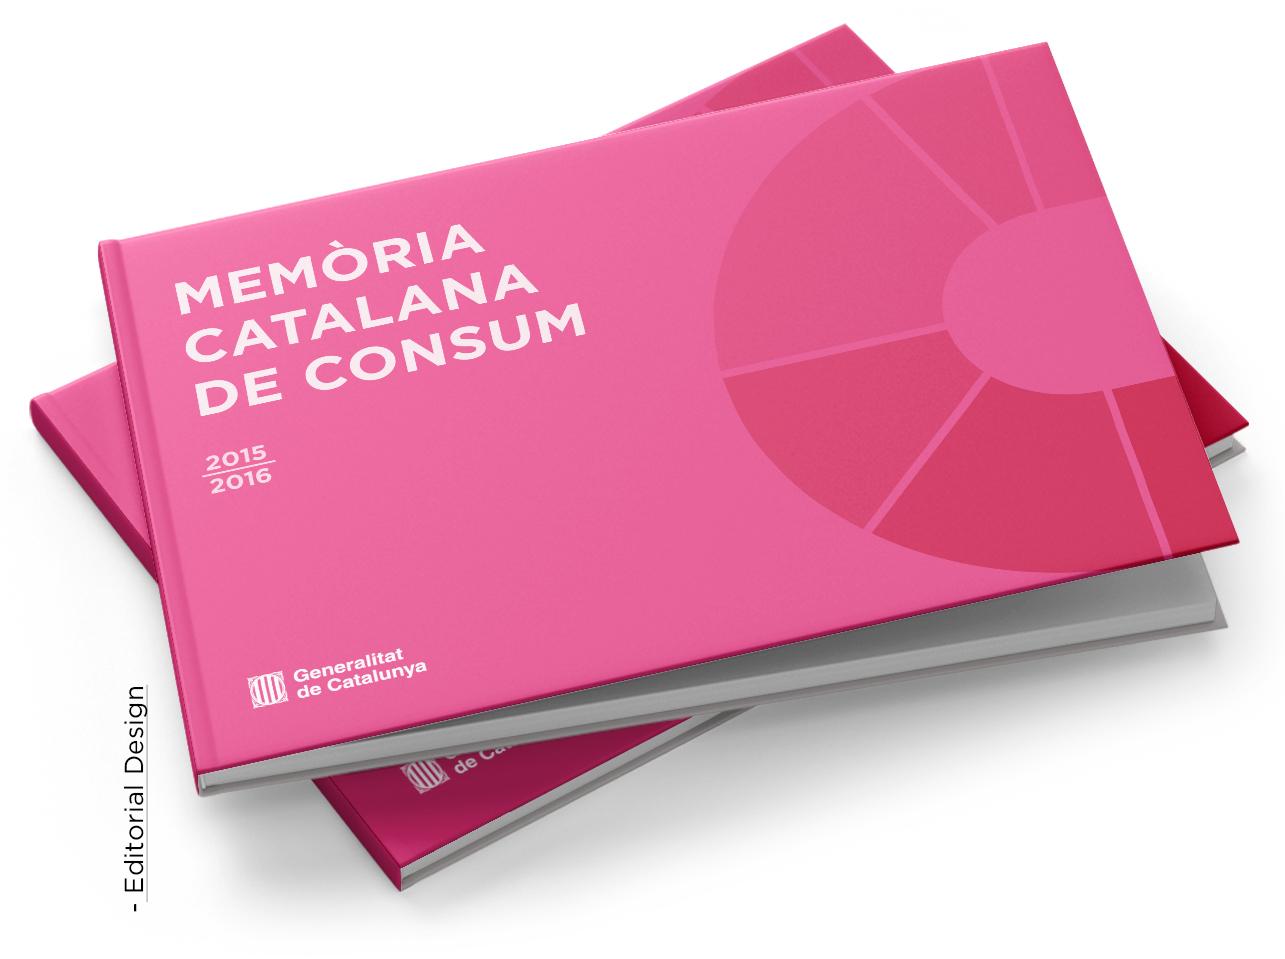 catalana-consum-memoria3